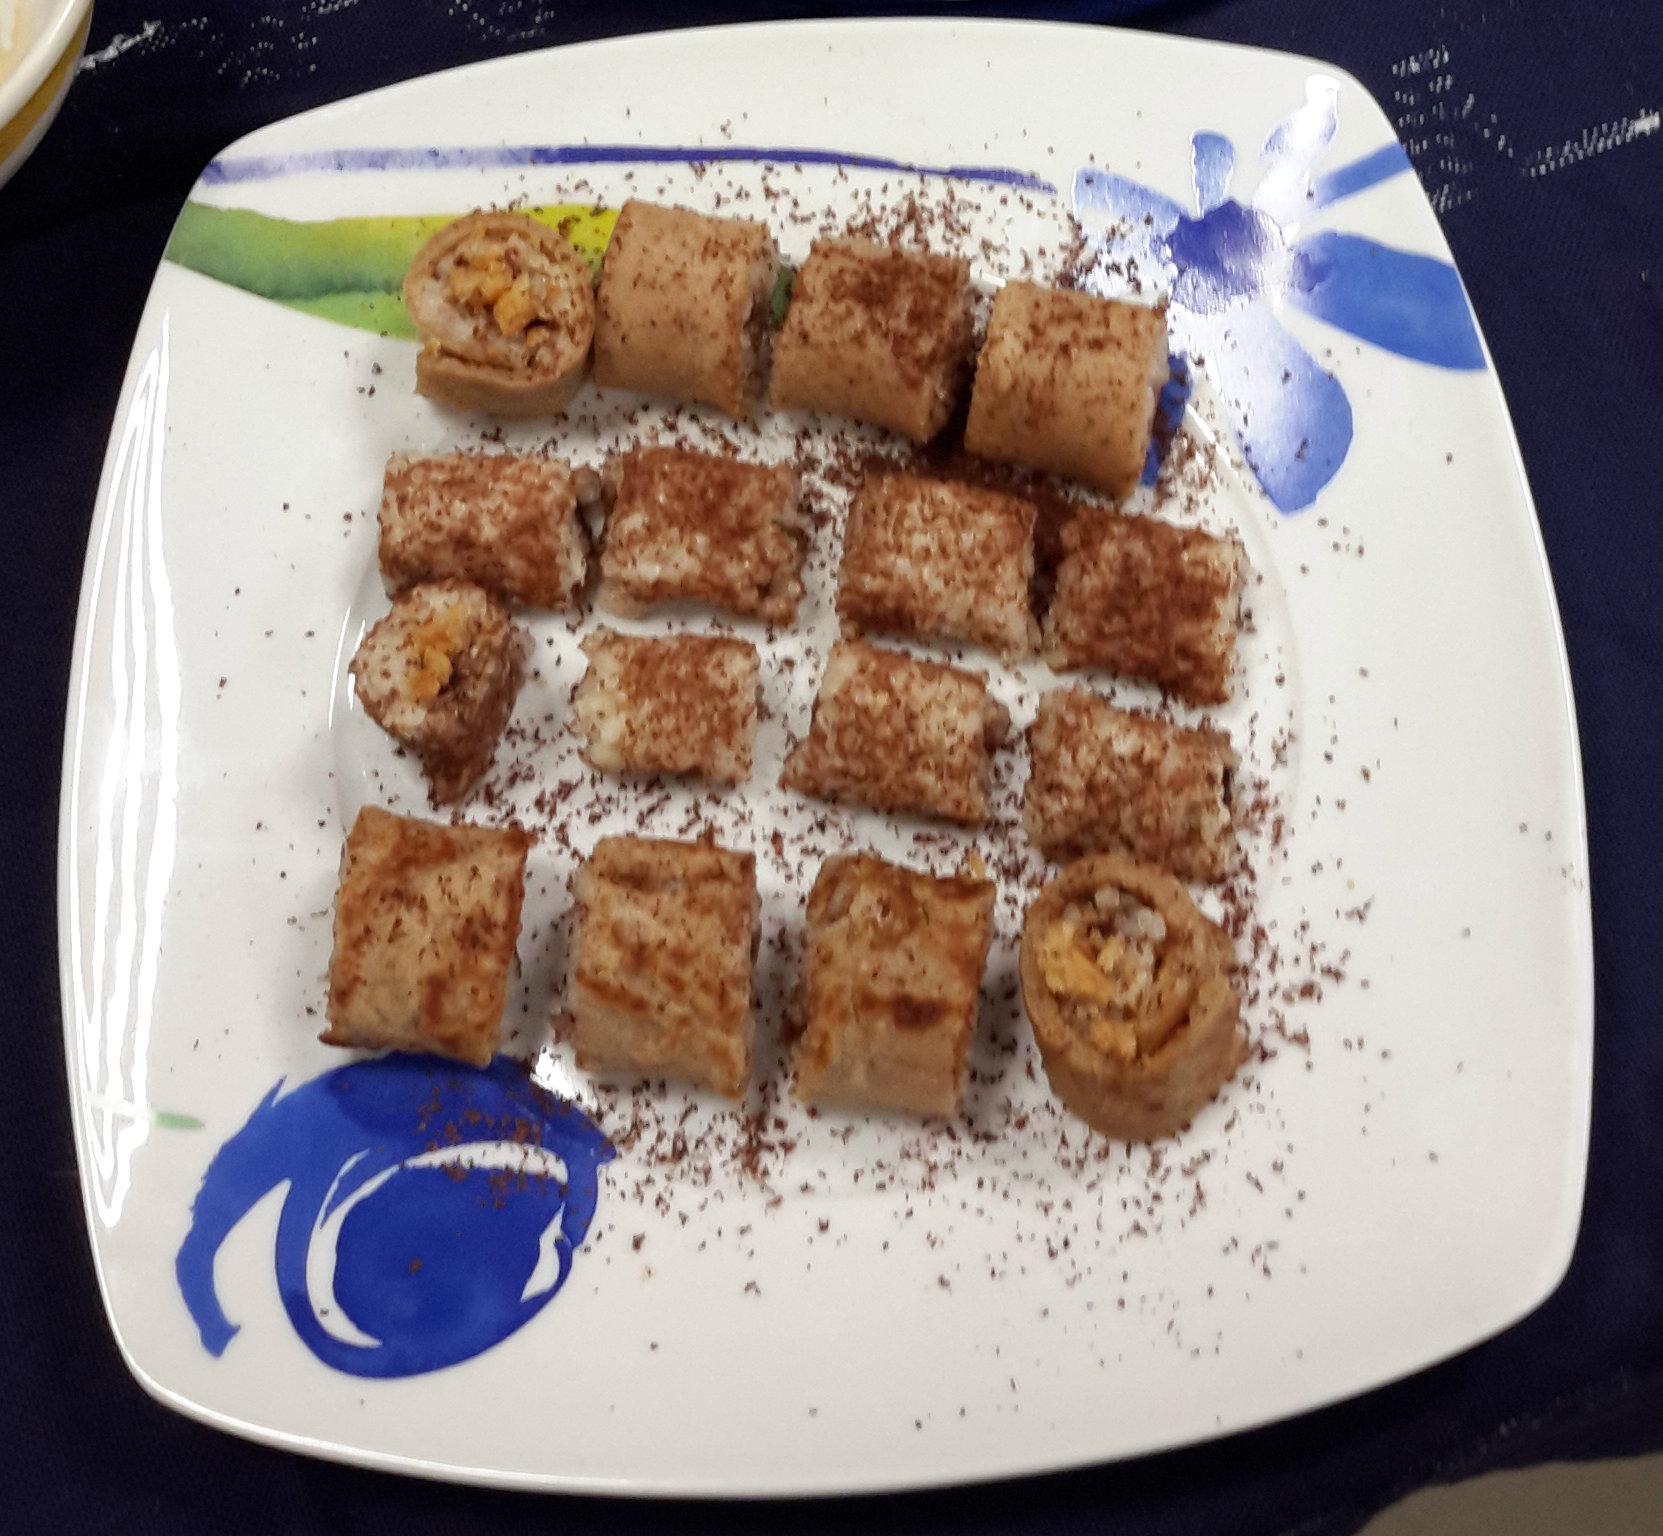 makis dulces arroz con leche de coco